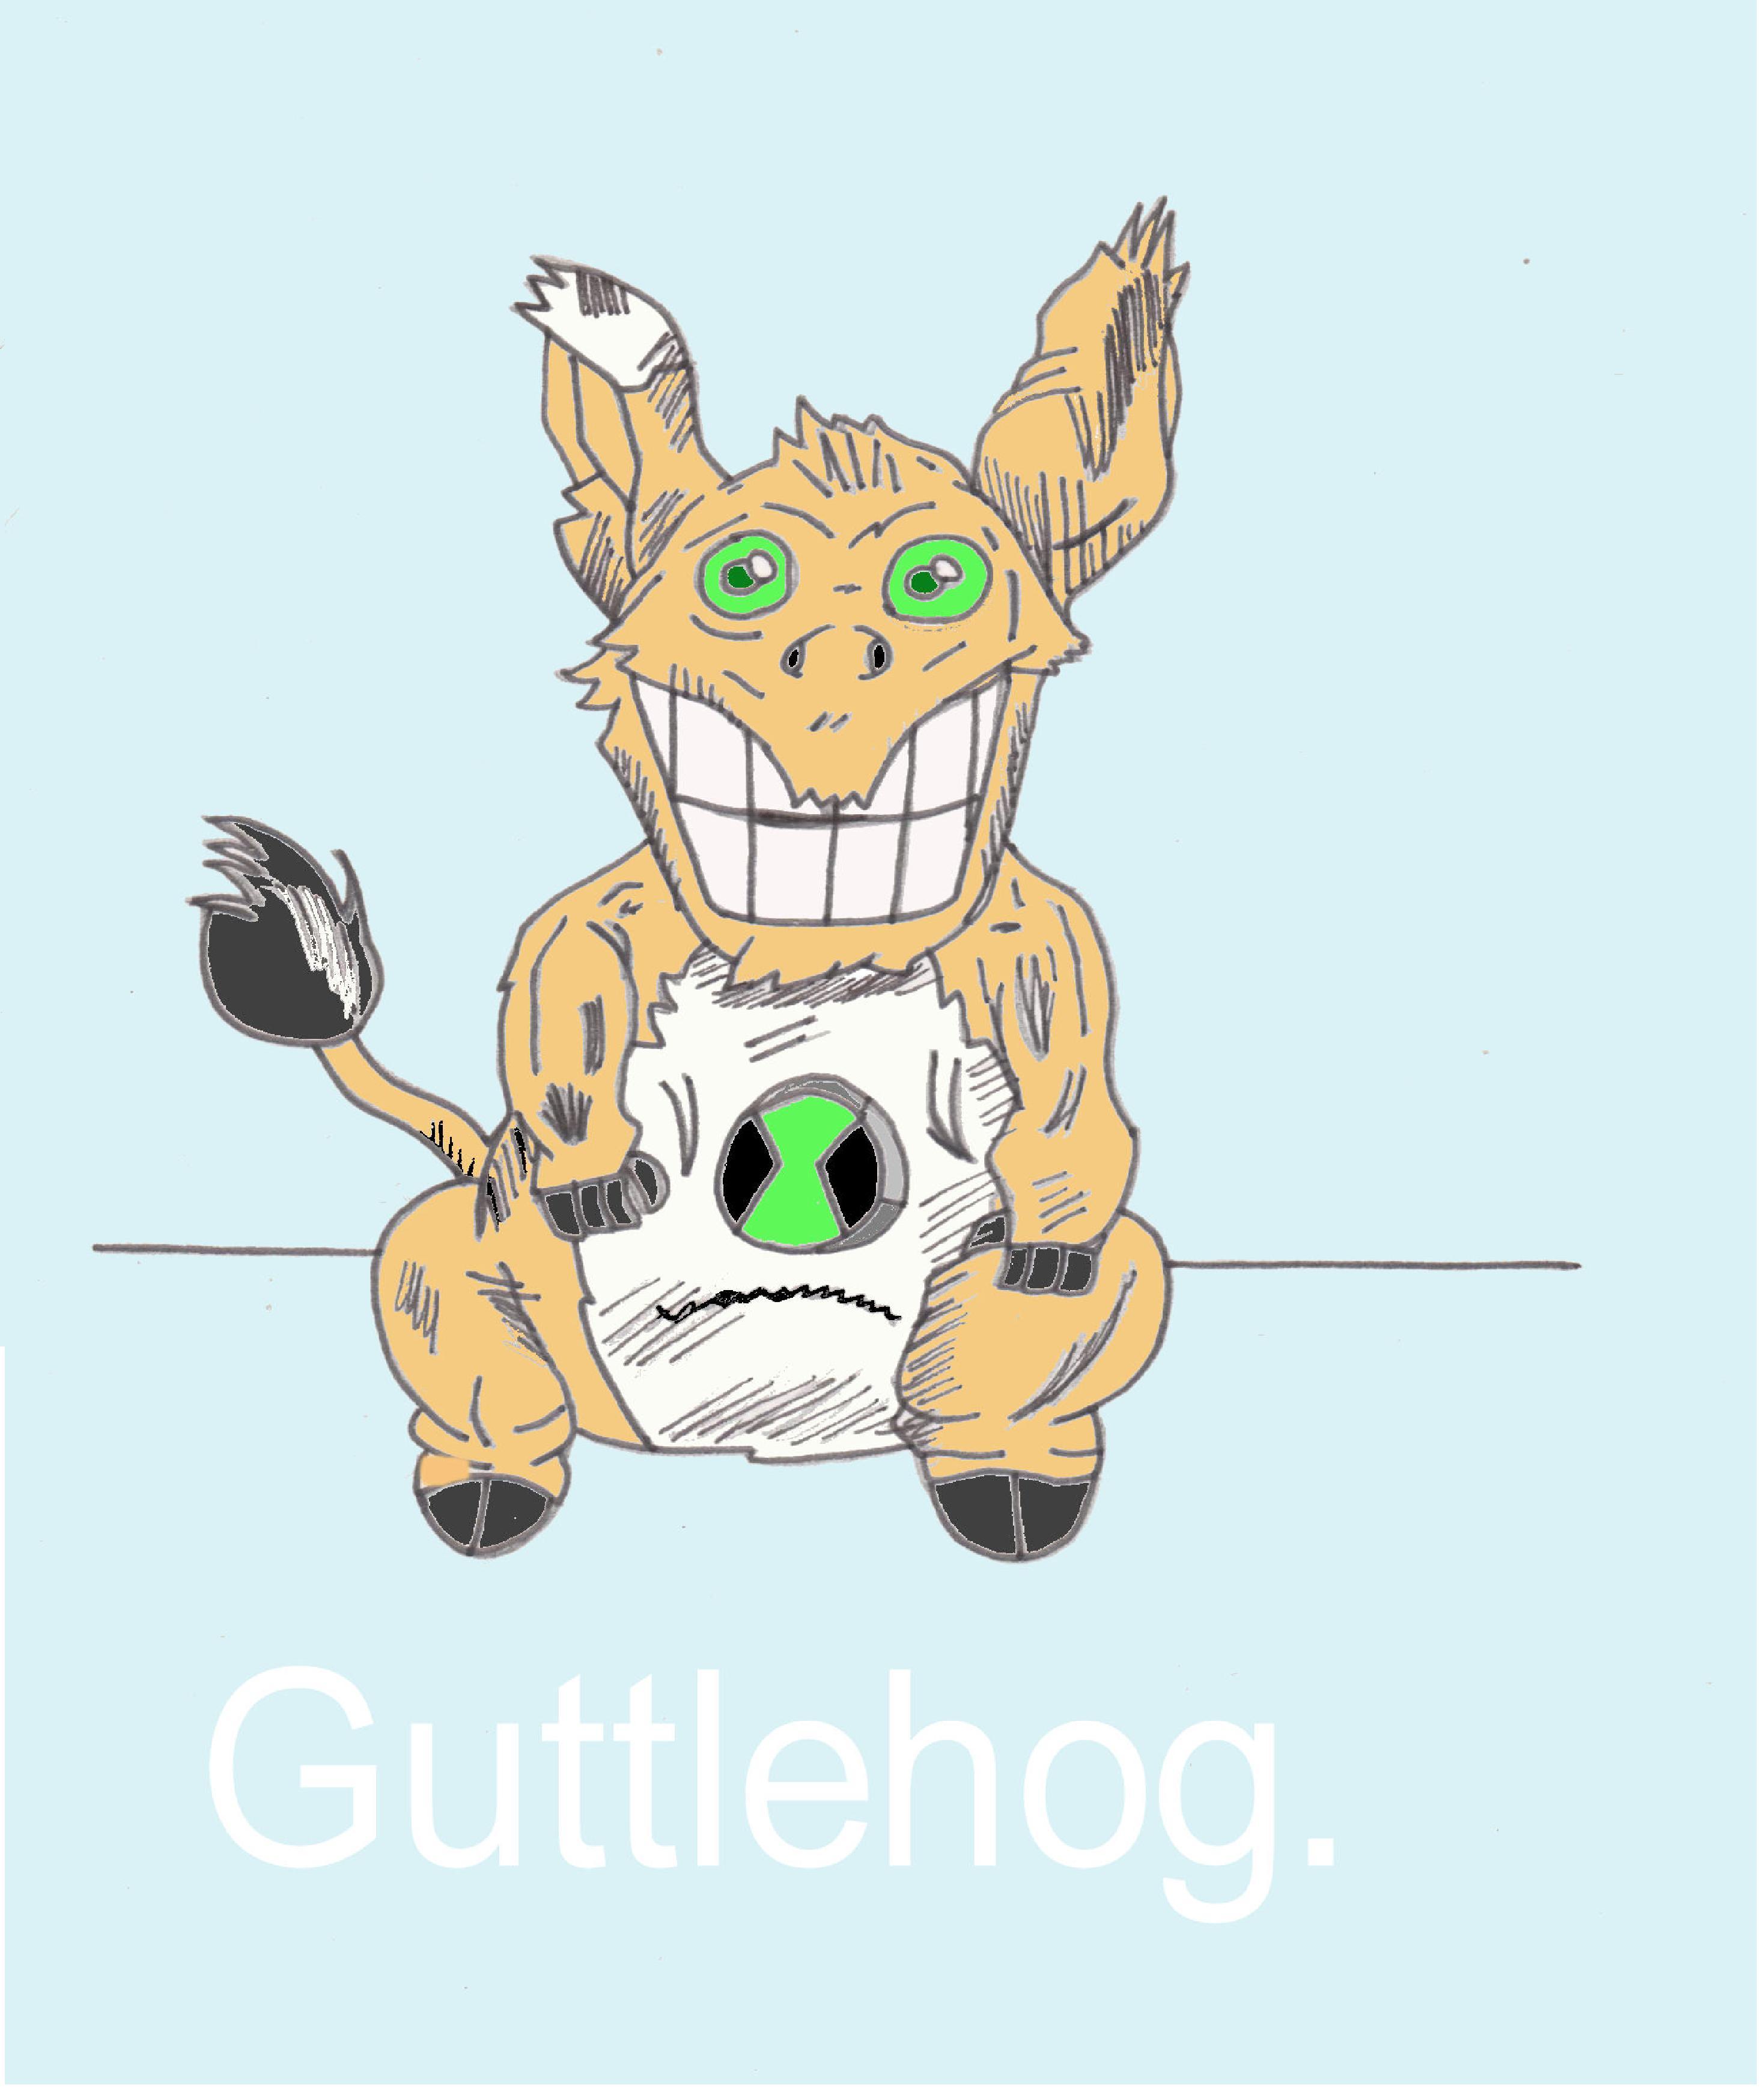 Guttlehog